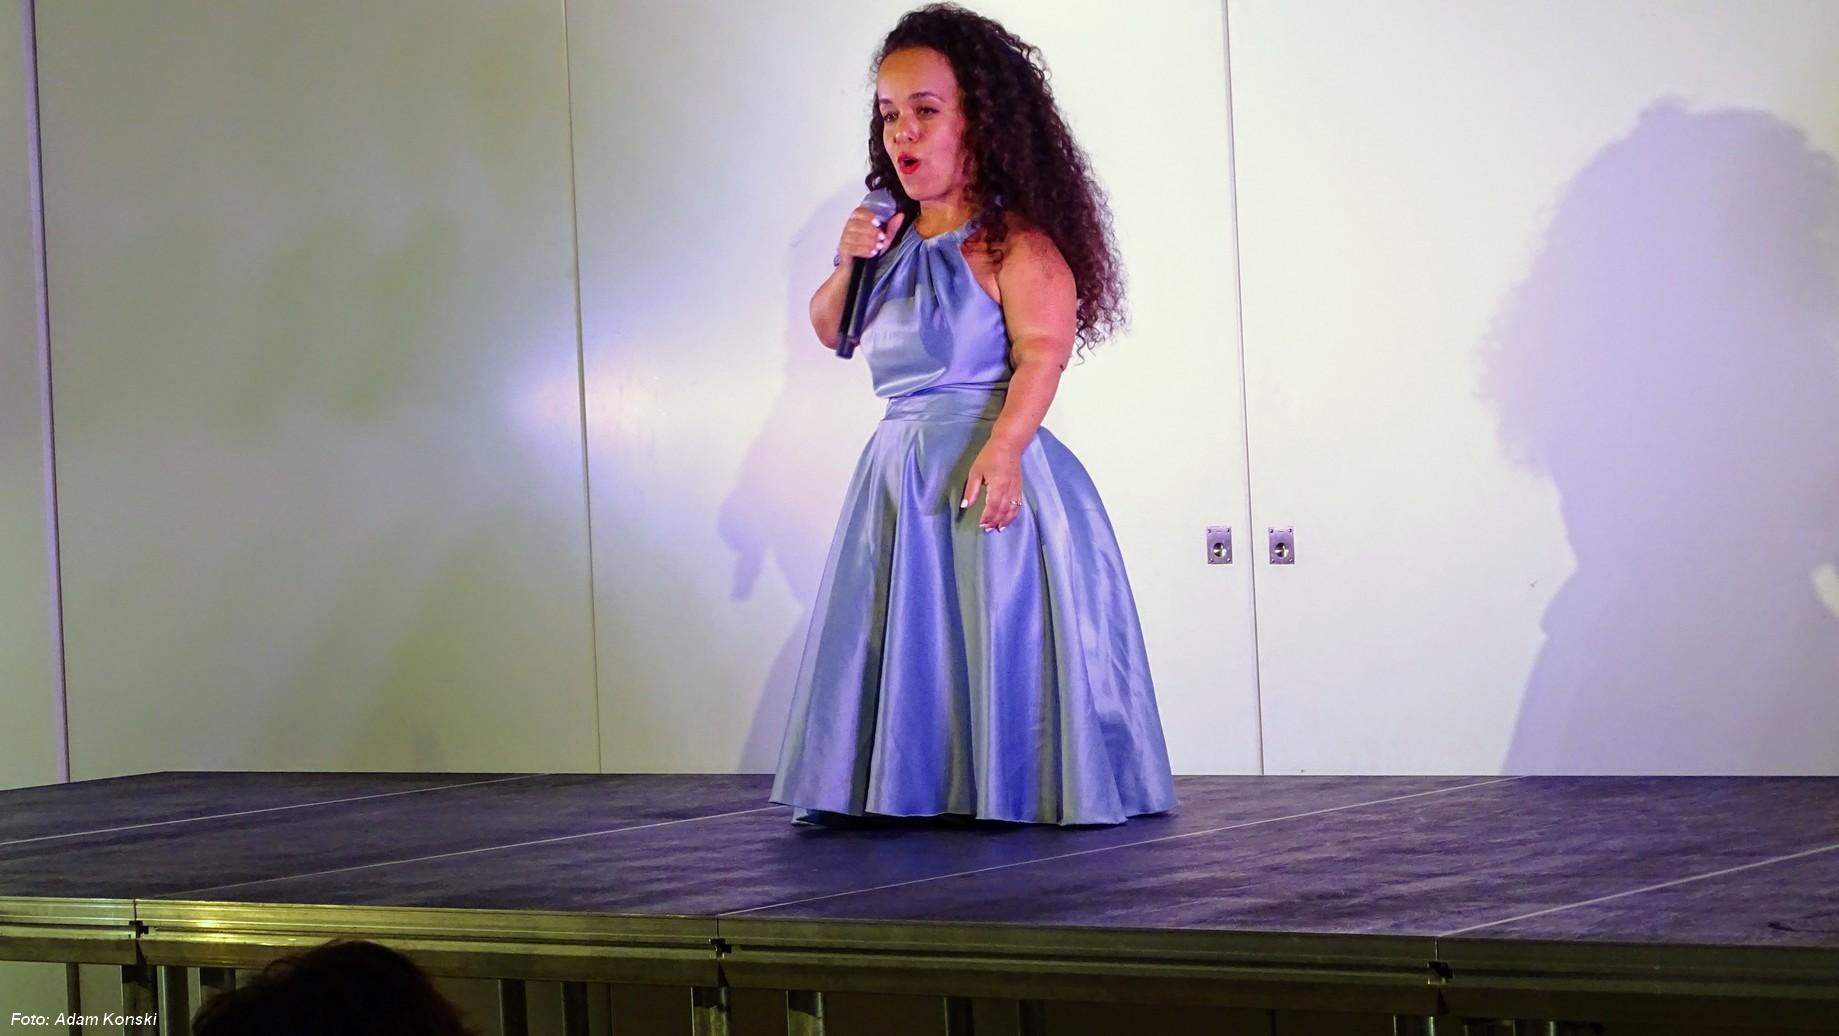 Skuespiller, forfatter, foredragsholder og entertainer Bat-El Papura optræder med sit show I Am Bat-El i Det Jødiske Hus den 3. juni.